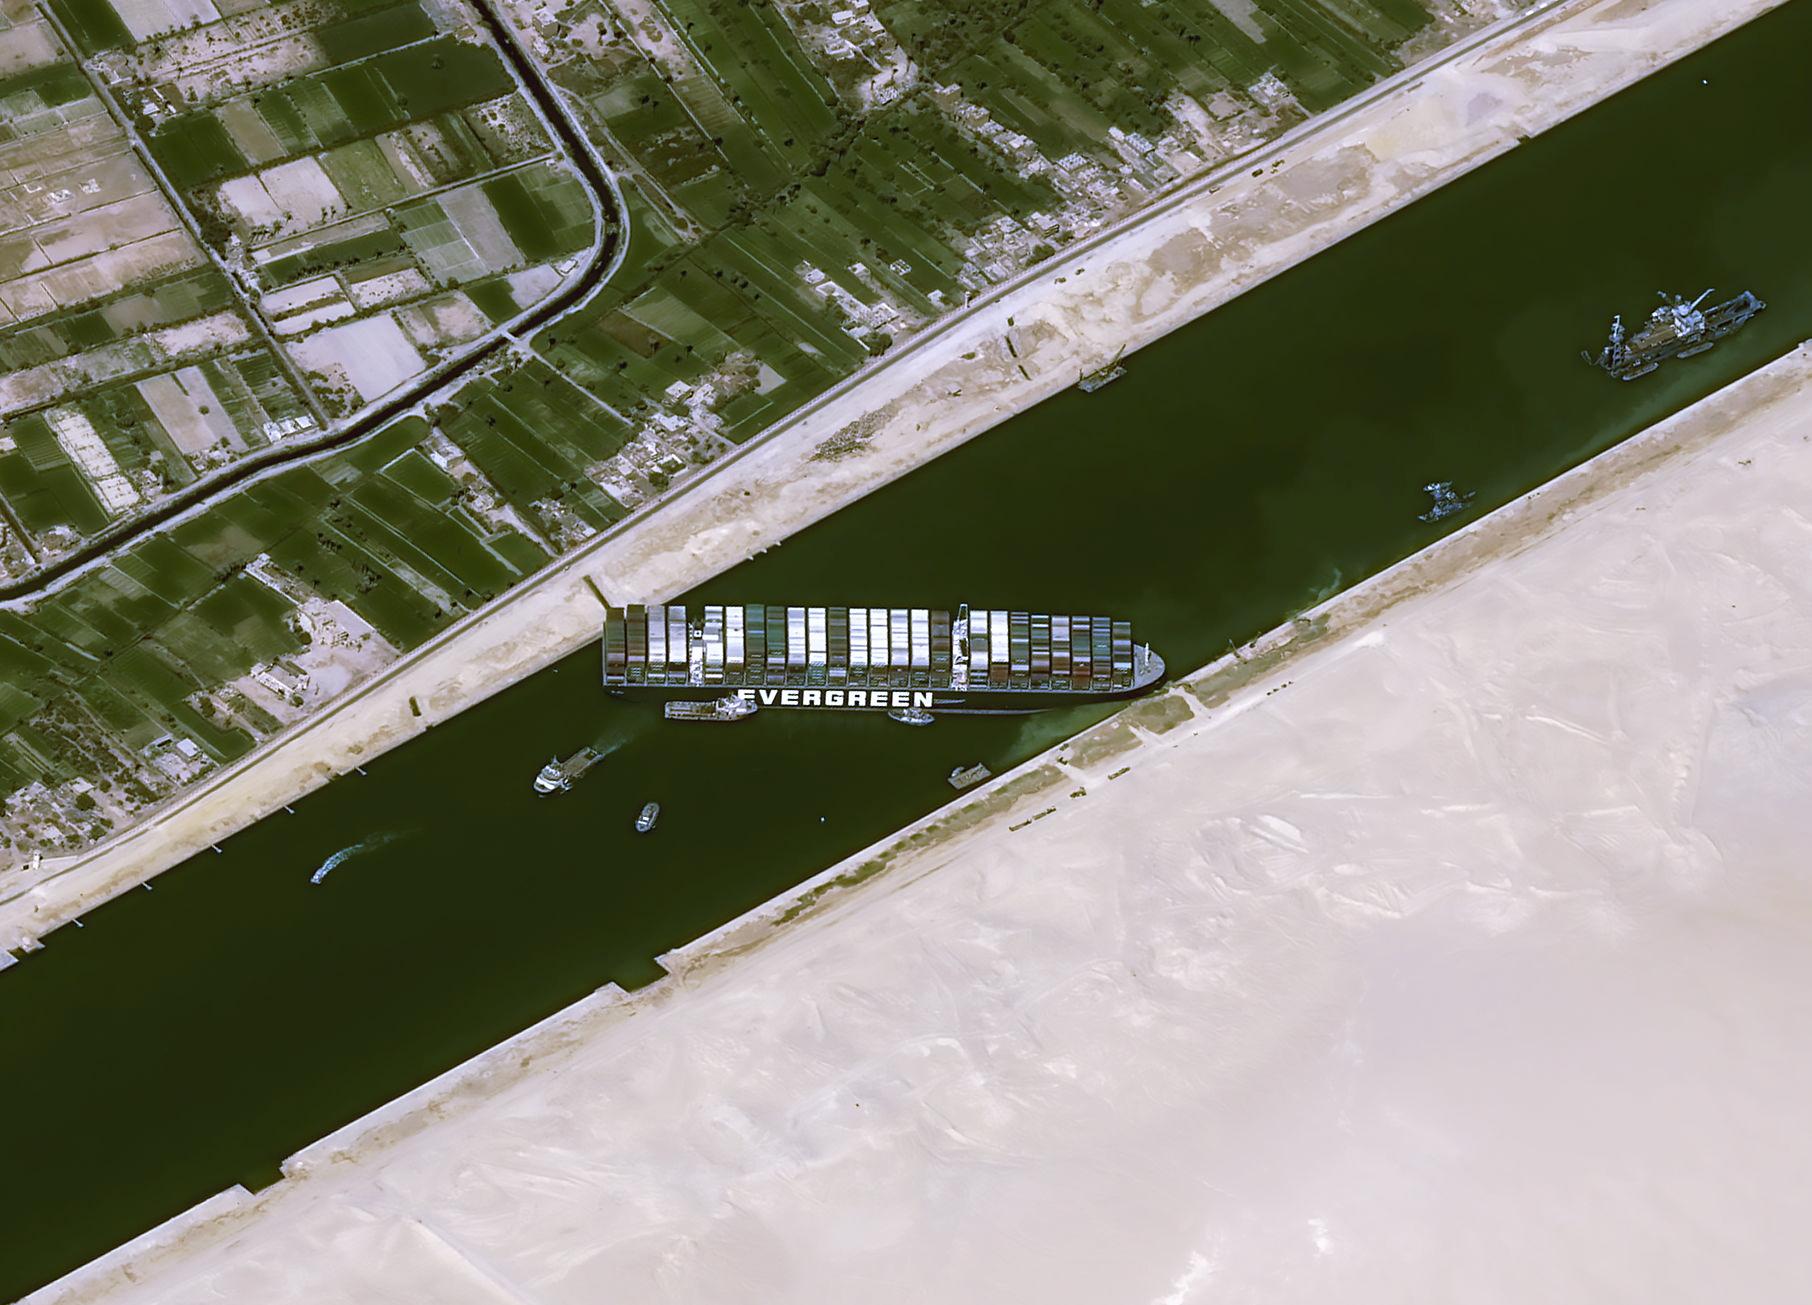 Διώρυγα Σουέζ: Οι ΗΠΑ έτοιμες να βοηθήσουν για να ξεκολλήσει το γιγαντιαίο πλοίο